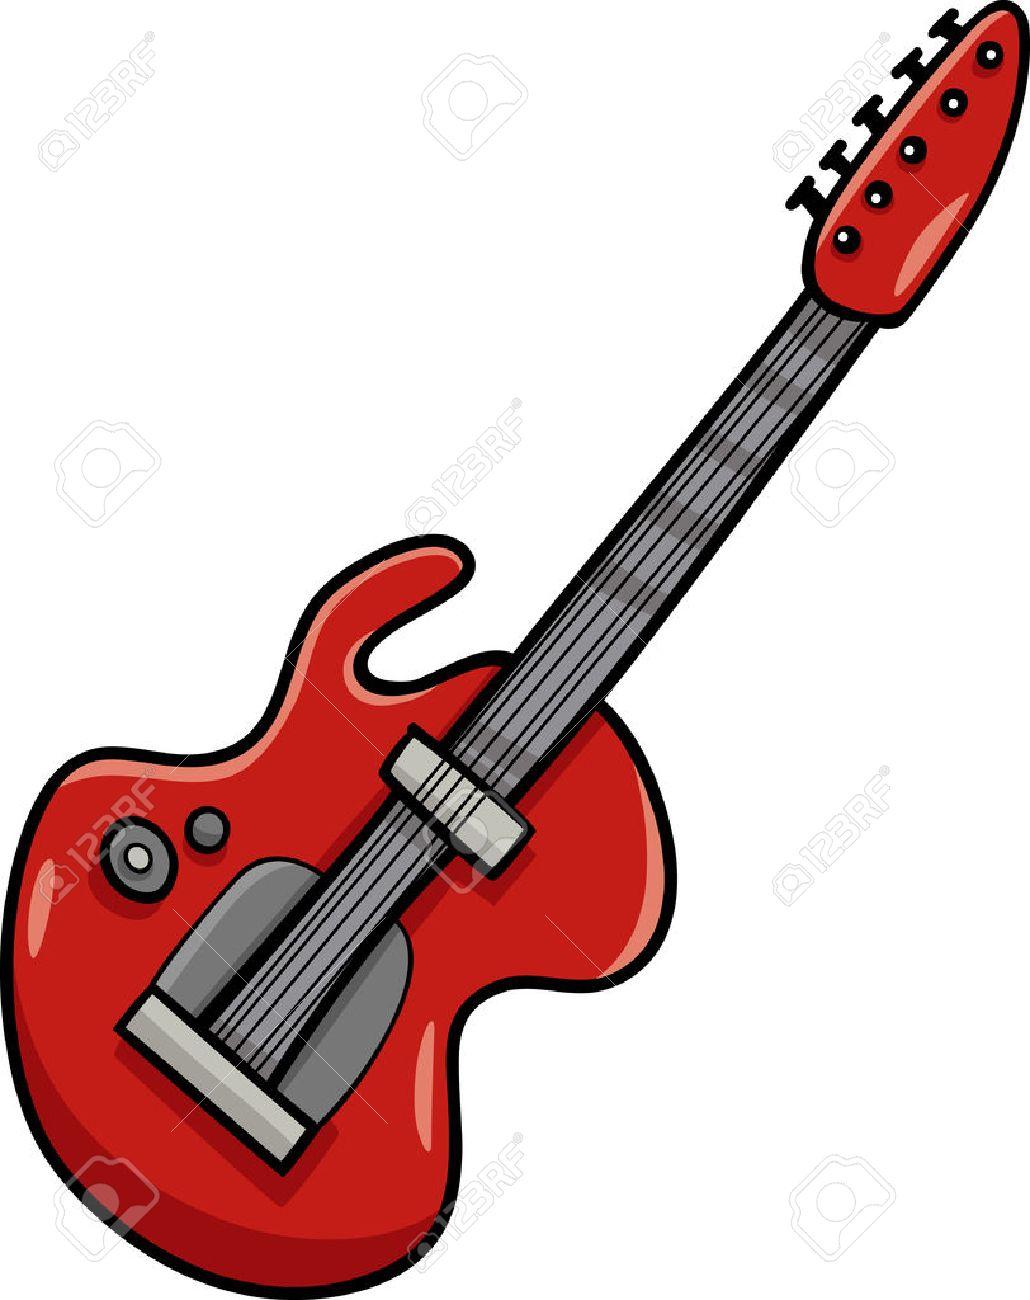 Ilustración De Dibujos Animados De La Guitarra Eléctrica Del Instrumento Musical De Clip Art